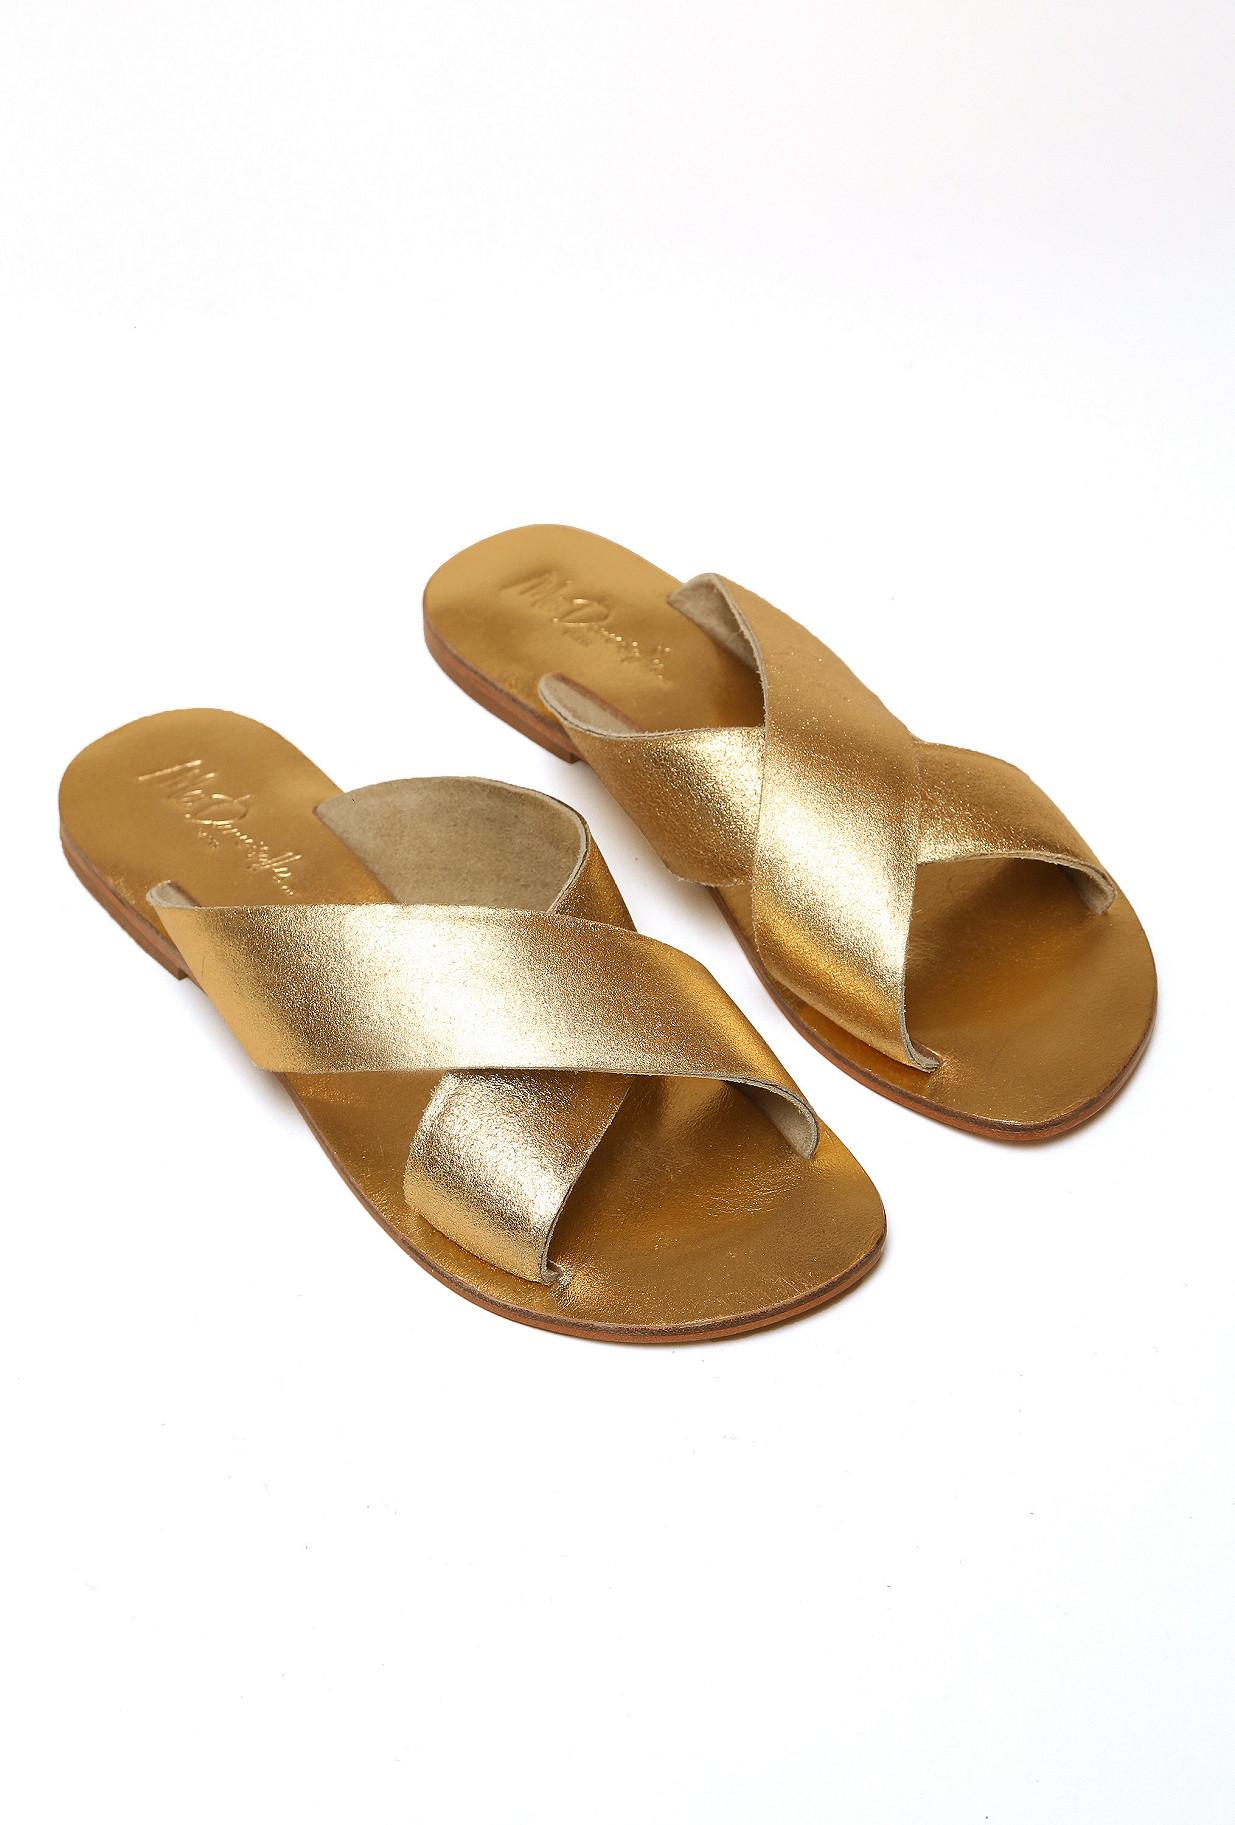 Sandales   Sandals ankh mes demoiselles paris vêtement femme paris